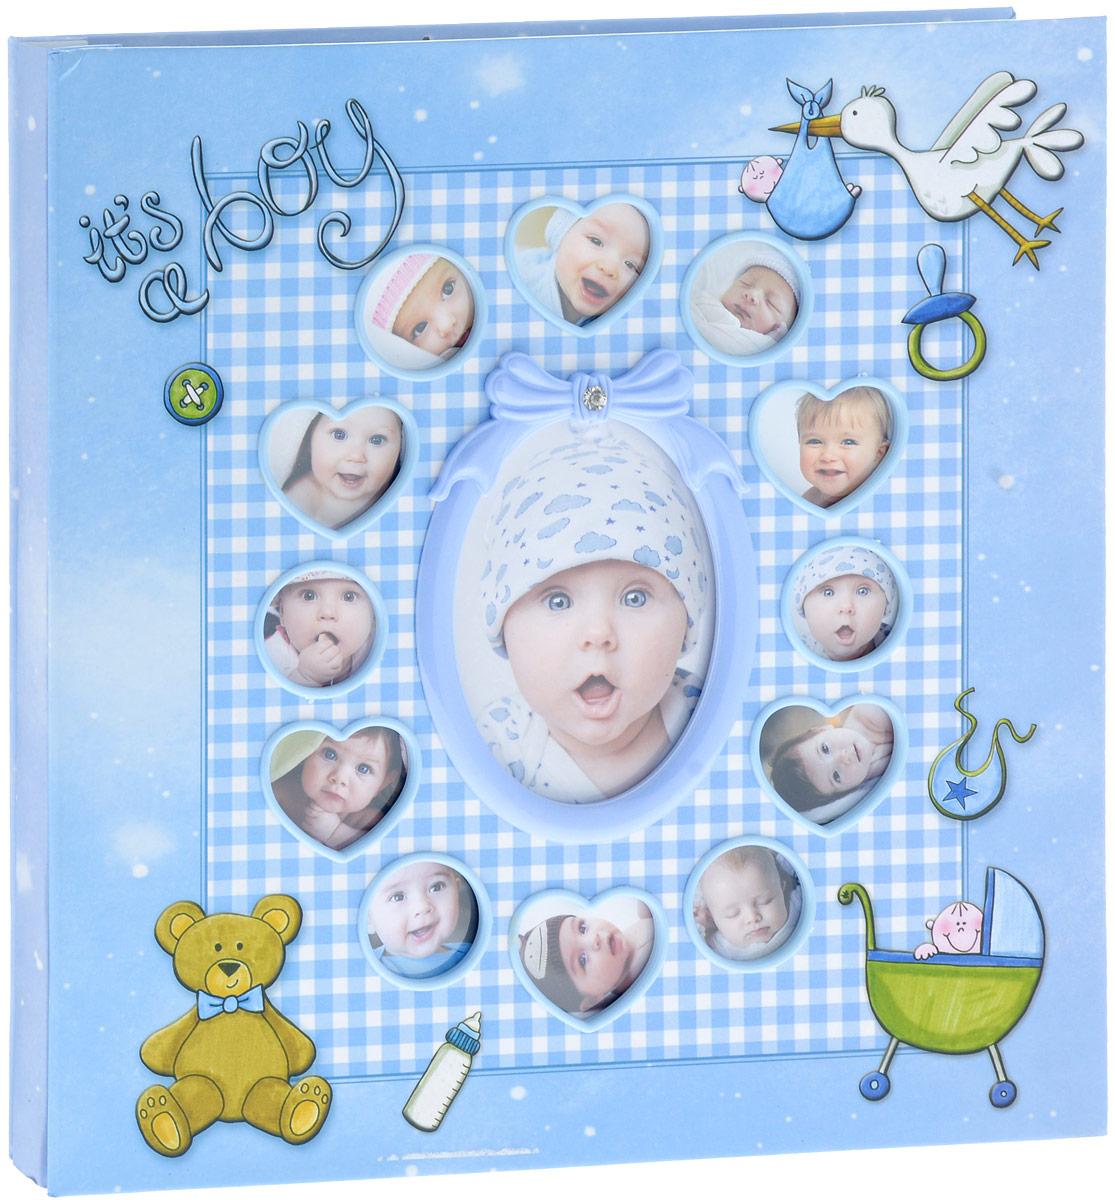 Фотоальбом Platinum Первые 12 месяцев, 30 листов, цвет: голубой. 9840-303М1425_голубой/9840-30Фотоальбом Platinum Первые 12 месяцев, изготовленный из картона с клеевым покрытием и пленки ПВХ, поможет сохранить вам самые важные и счастливые события жизни вашего ребенка. Этот альбом станет драгоценной памятью для всей вашей семьи. Обложка выполнена из толстого картона и оформлена милыми изображениями. Лицевая сторонаобложки оснащена 13 окошками для фотографий вашего ребенка.Внутри содержится 30 магнитных листов. Альбом с магнитными листами удобен тем, что он позволяет размещать фотографии разных размеров. Нам всегда так приятно вспоминать о самых счастливых моментах жизни, запечатленных на фотографиях. Размер листа: 28 х 32,5 см.